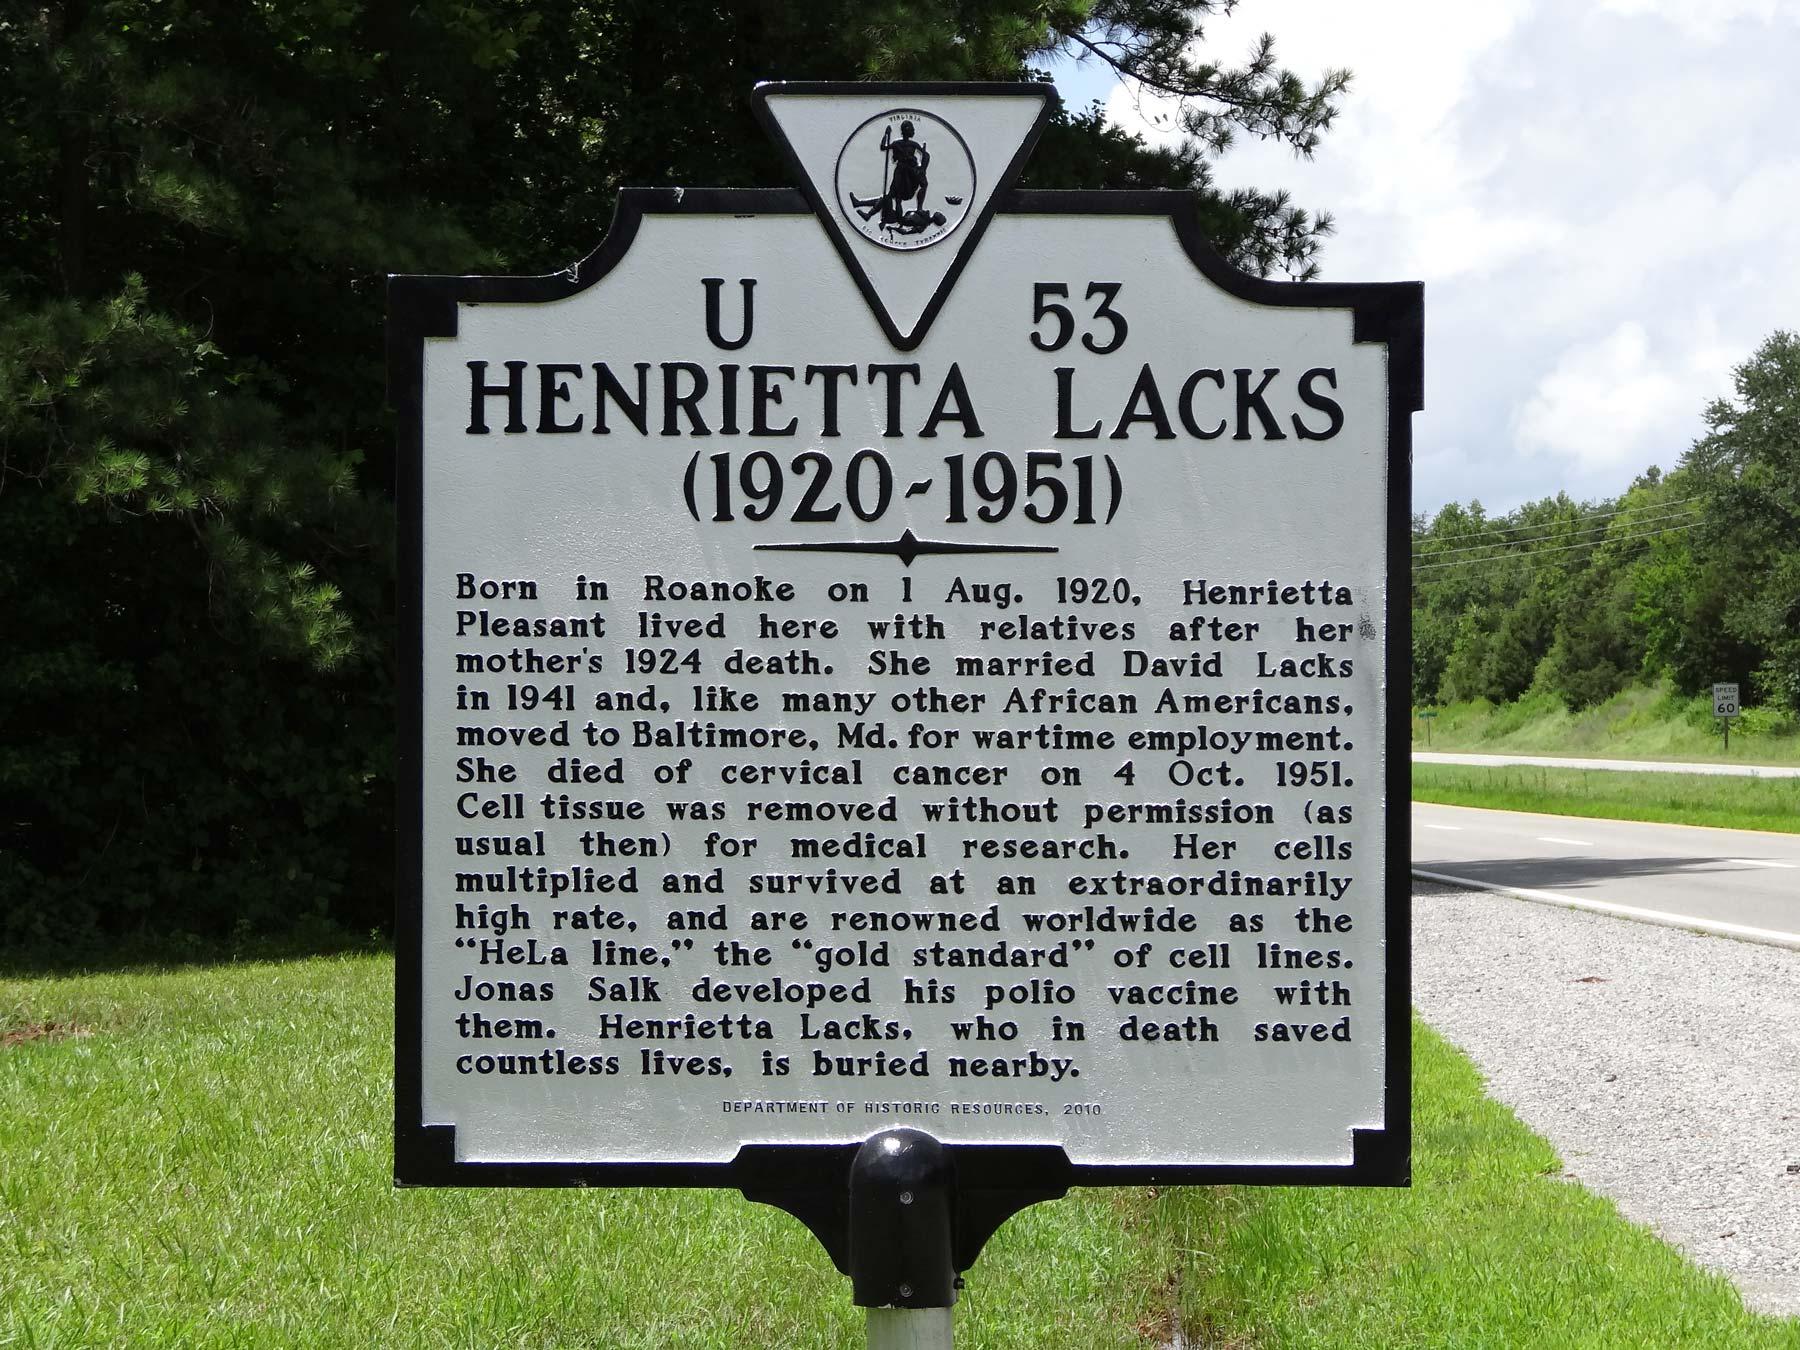 Placa recordatoria en homenaje a Henrietta Lacks en la localidad de Clover, condado de Halifax, en el estado de Virginia, Estados Unidos. Foto de Wikimedia Commons.